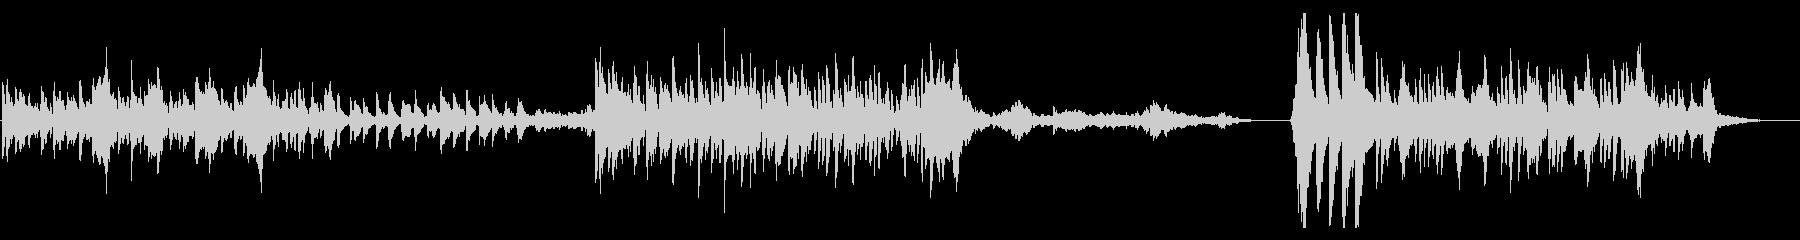 オーケストラ楽器魔法のおとぎ話のテ...の未再生の波形